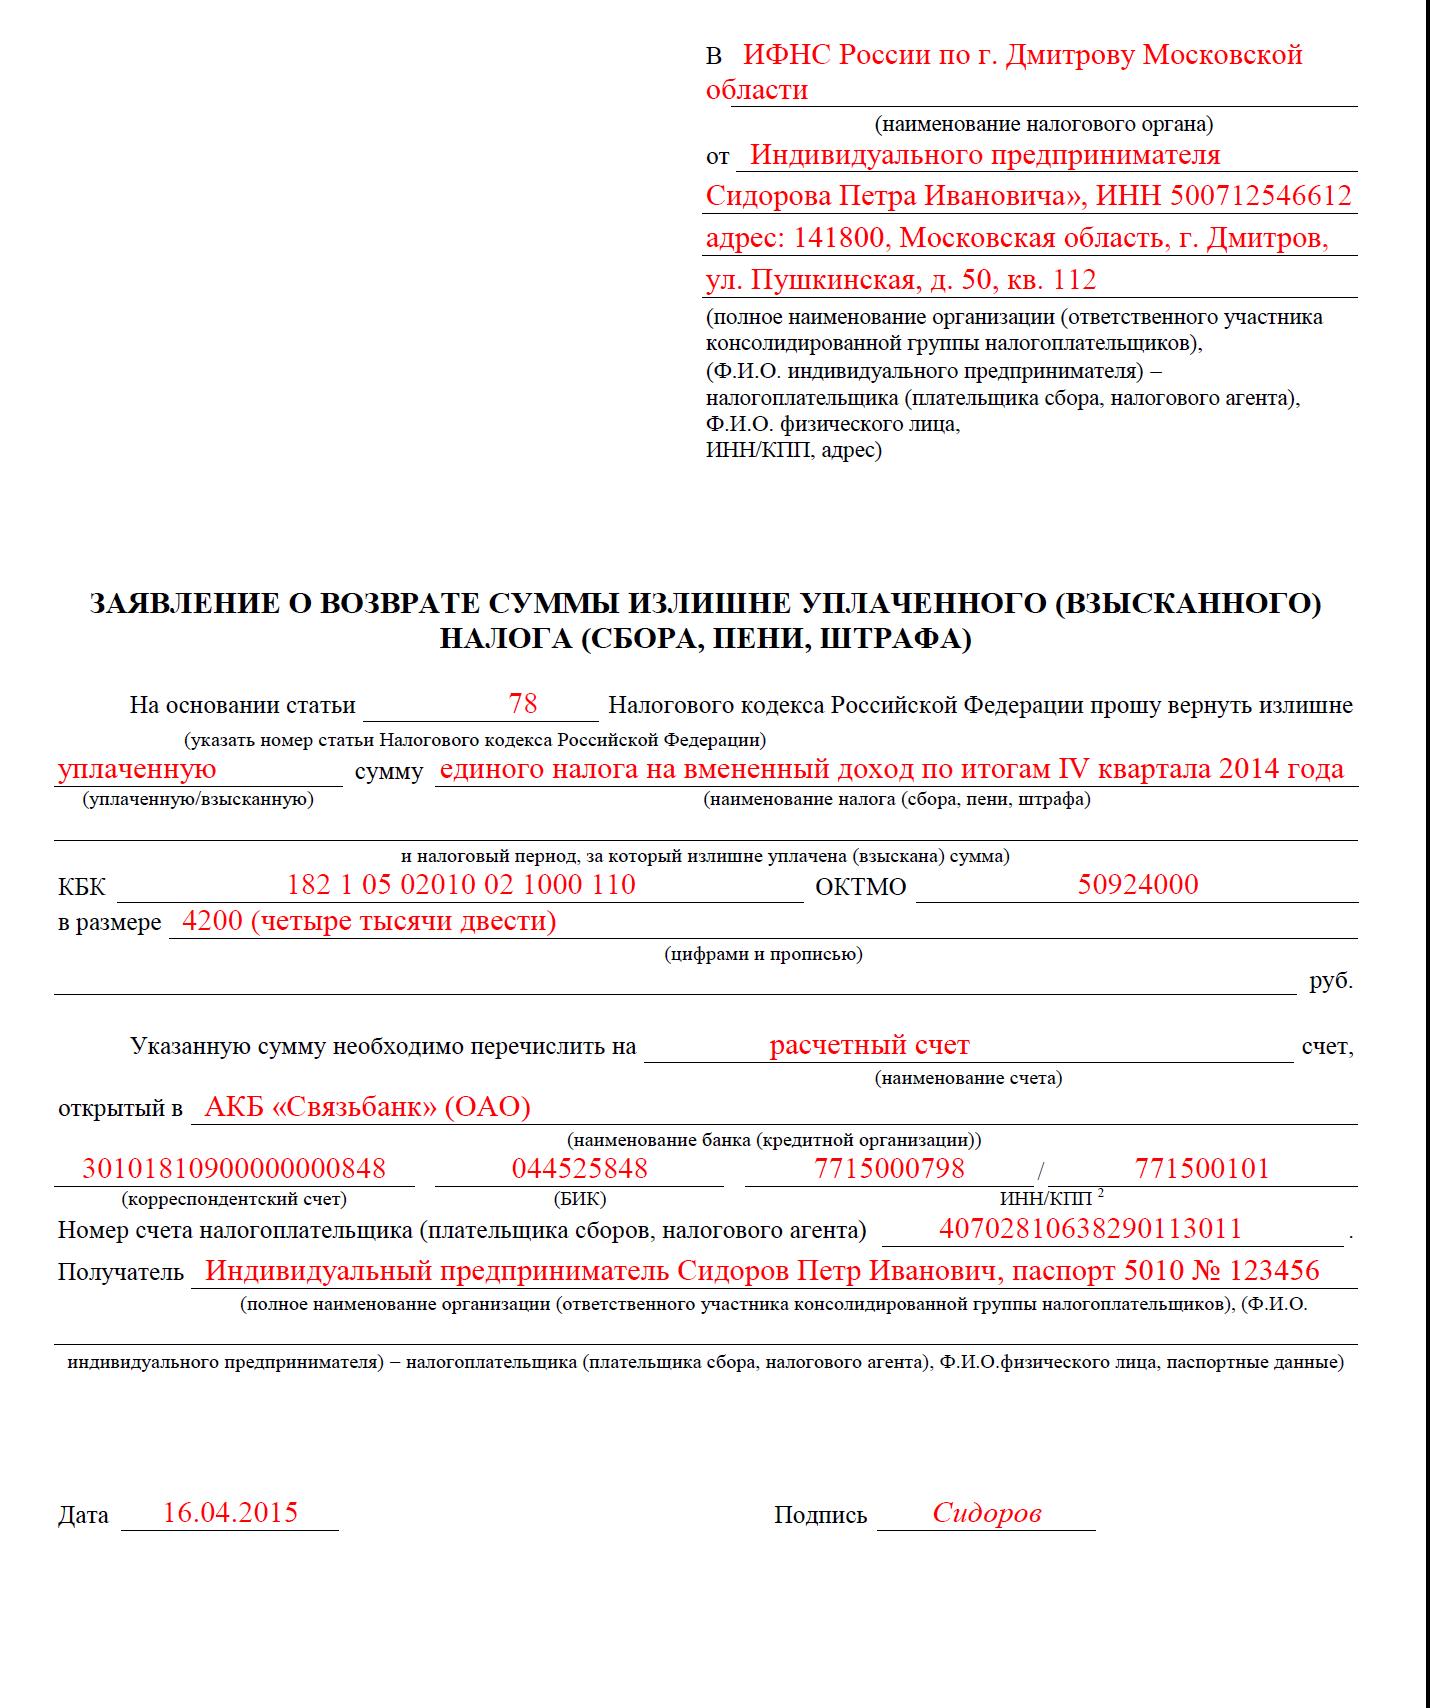 бланк заявления на установление товарного знака